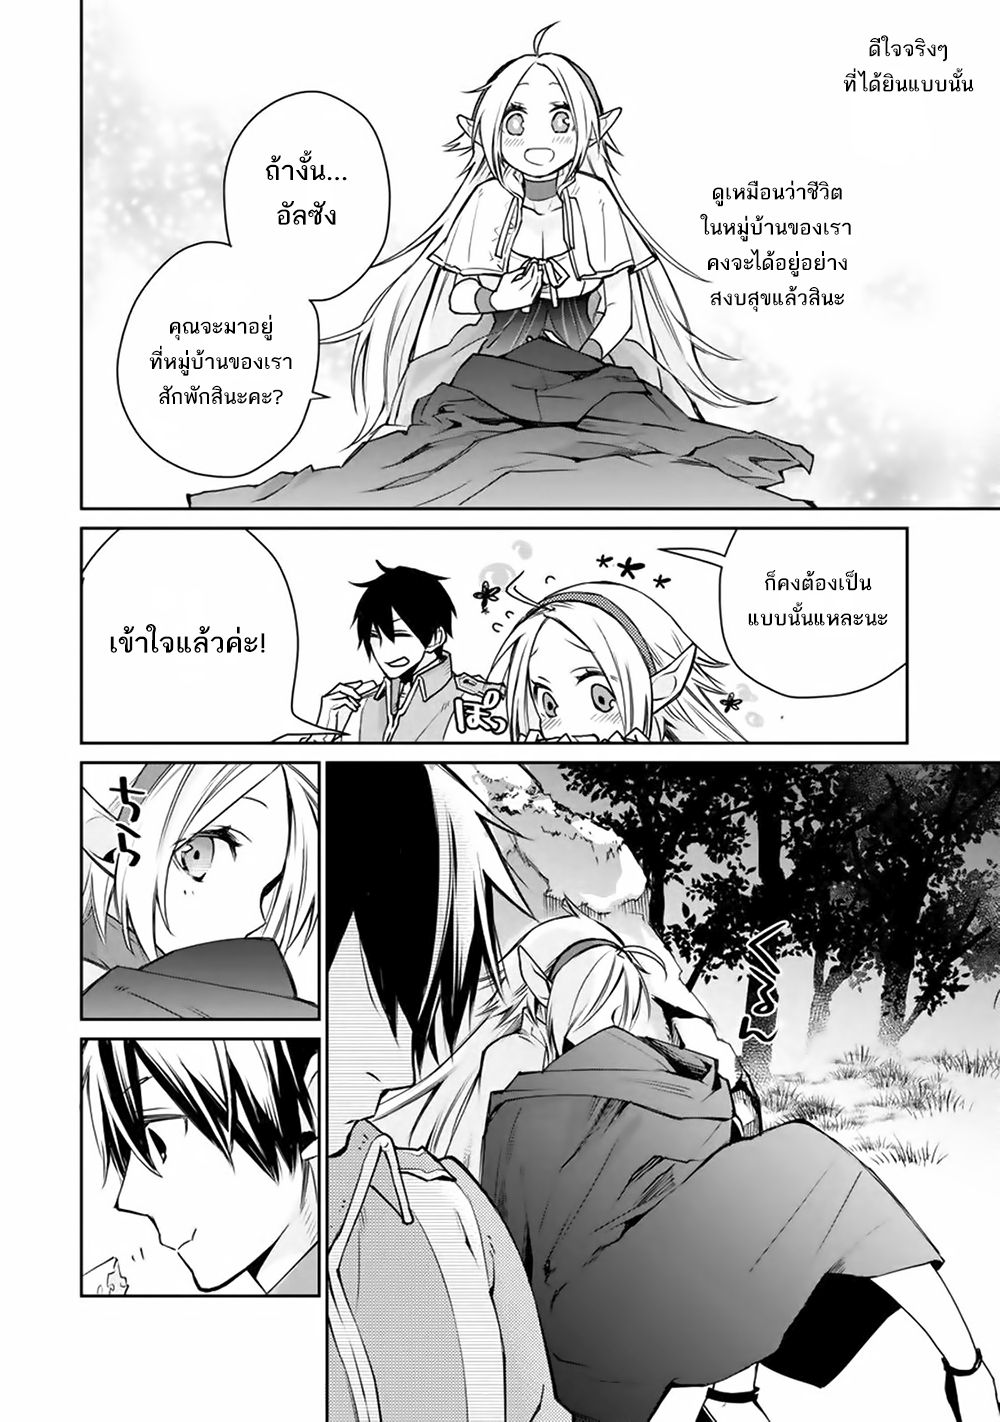 อ่านการ์ตูน Saikyo no mado-shi. Hiza ni ya o ukete shimattanode inaka no eihei ni naru ตอนที่ 1.3 หน้าที่ 18